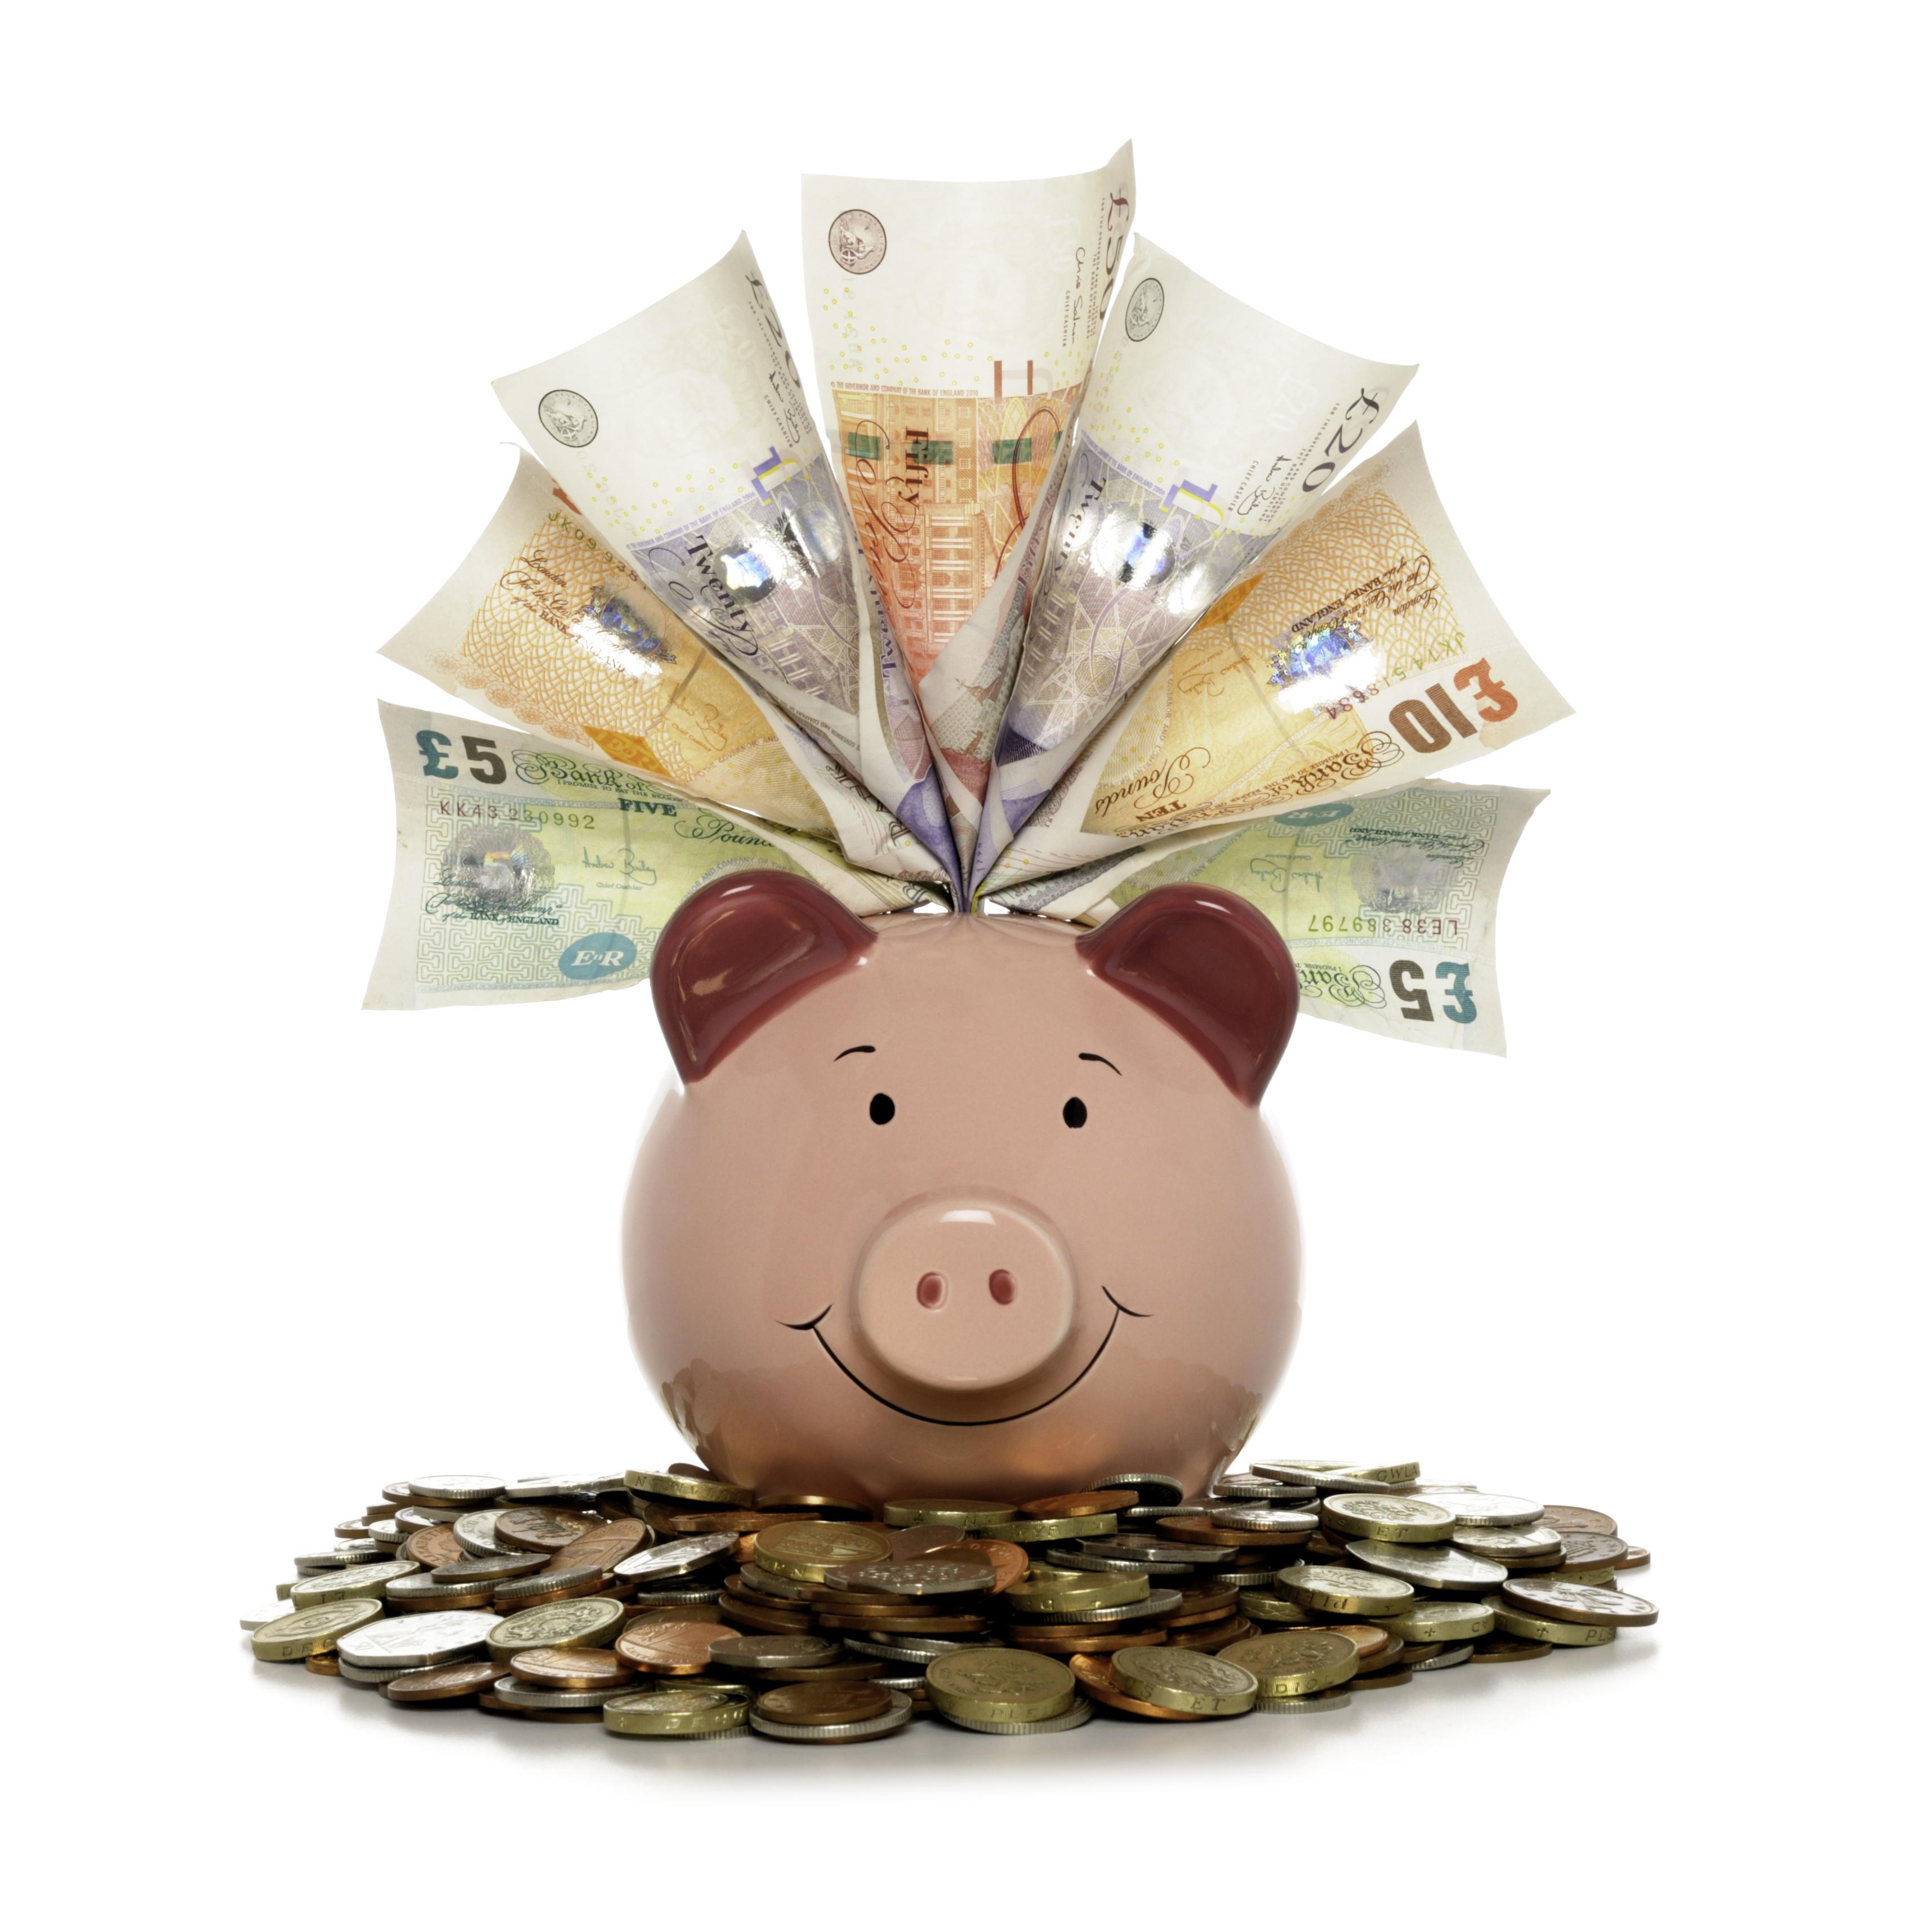 英镑/美元走势分析:关注1.2900-1.2880,守住此区域有望重回1.3000上方